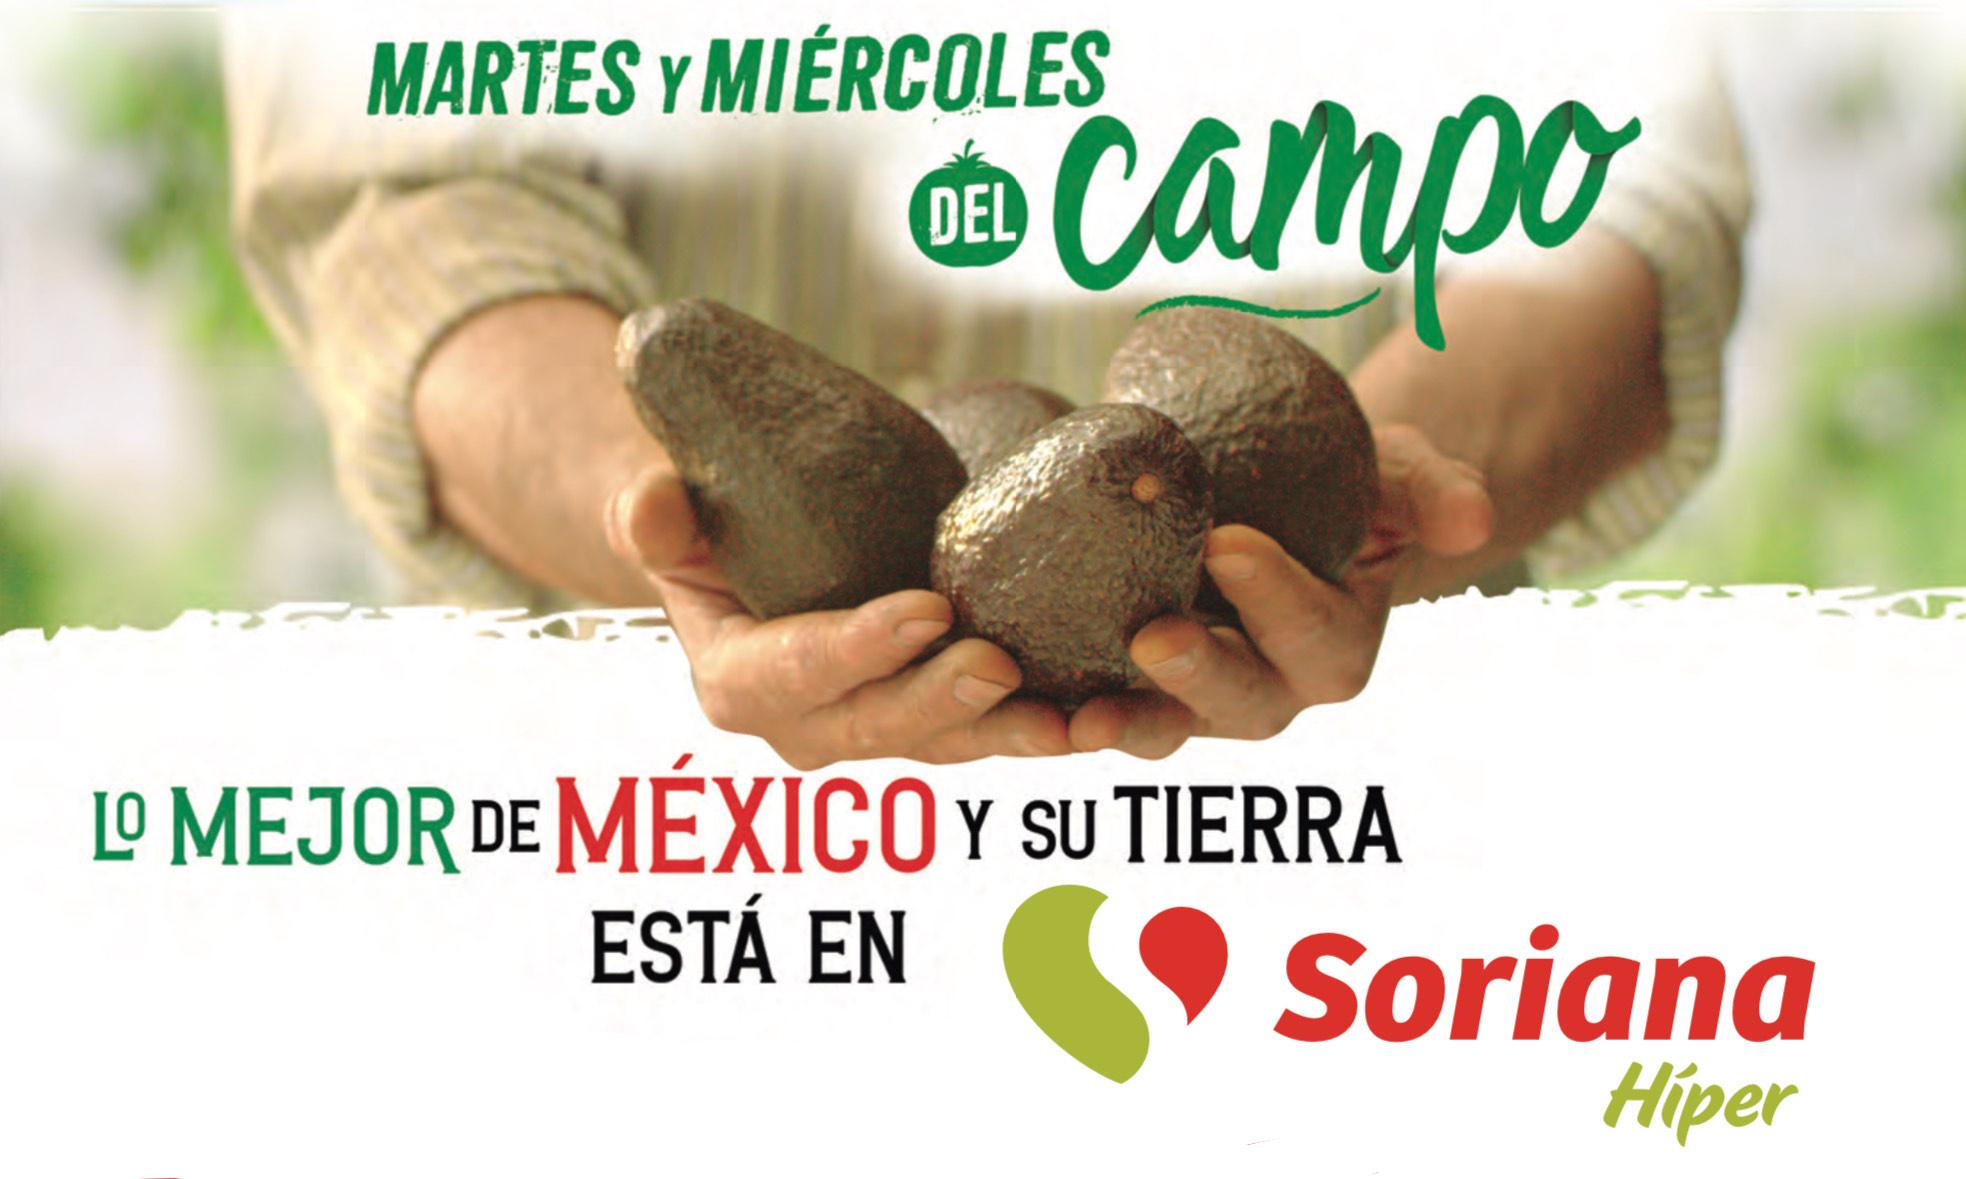 Soriana: Martes y Miércoles del Campo   Híper, Súper, Mercado y Express   Aguacate, Chile Poblano/Serrano $28.80kg, y mucho más..